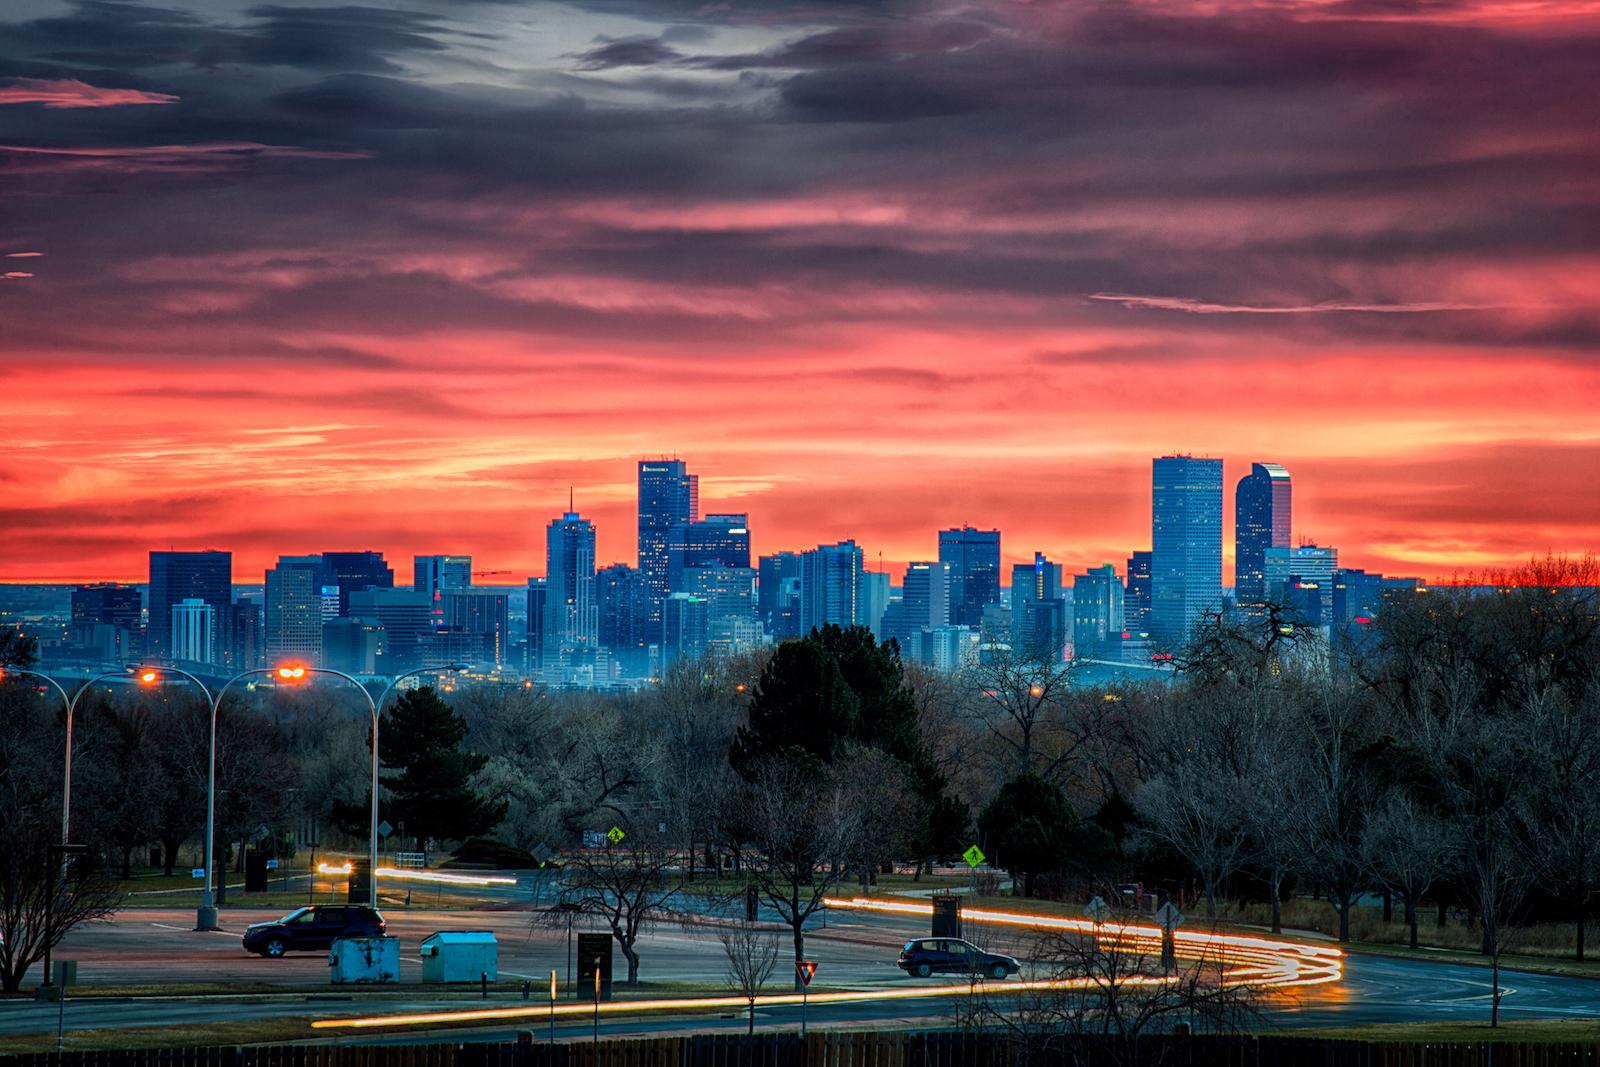 Denver Skyline Photos - Denver Urban Review